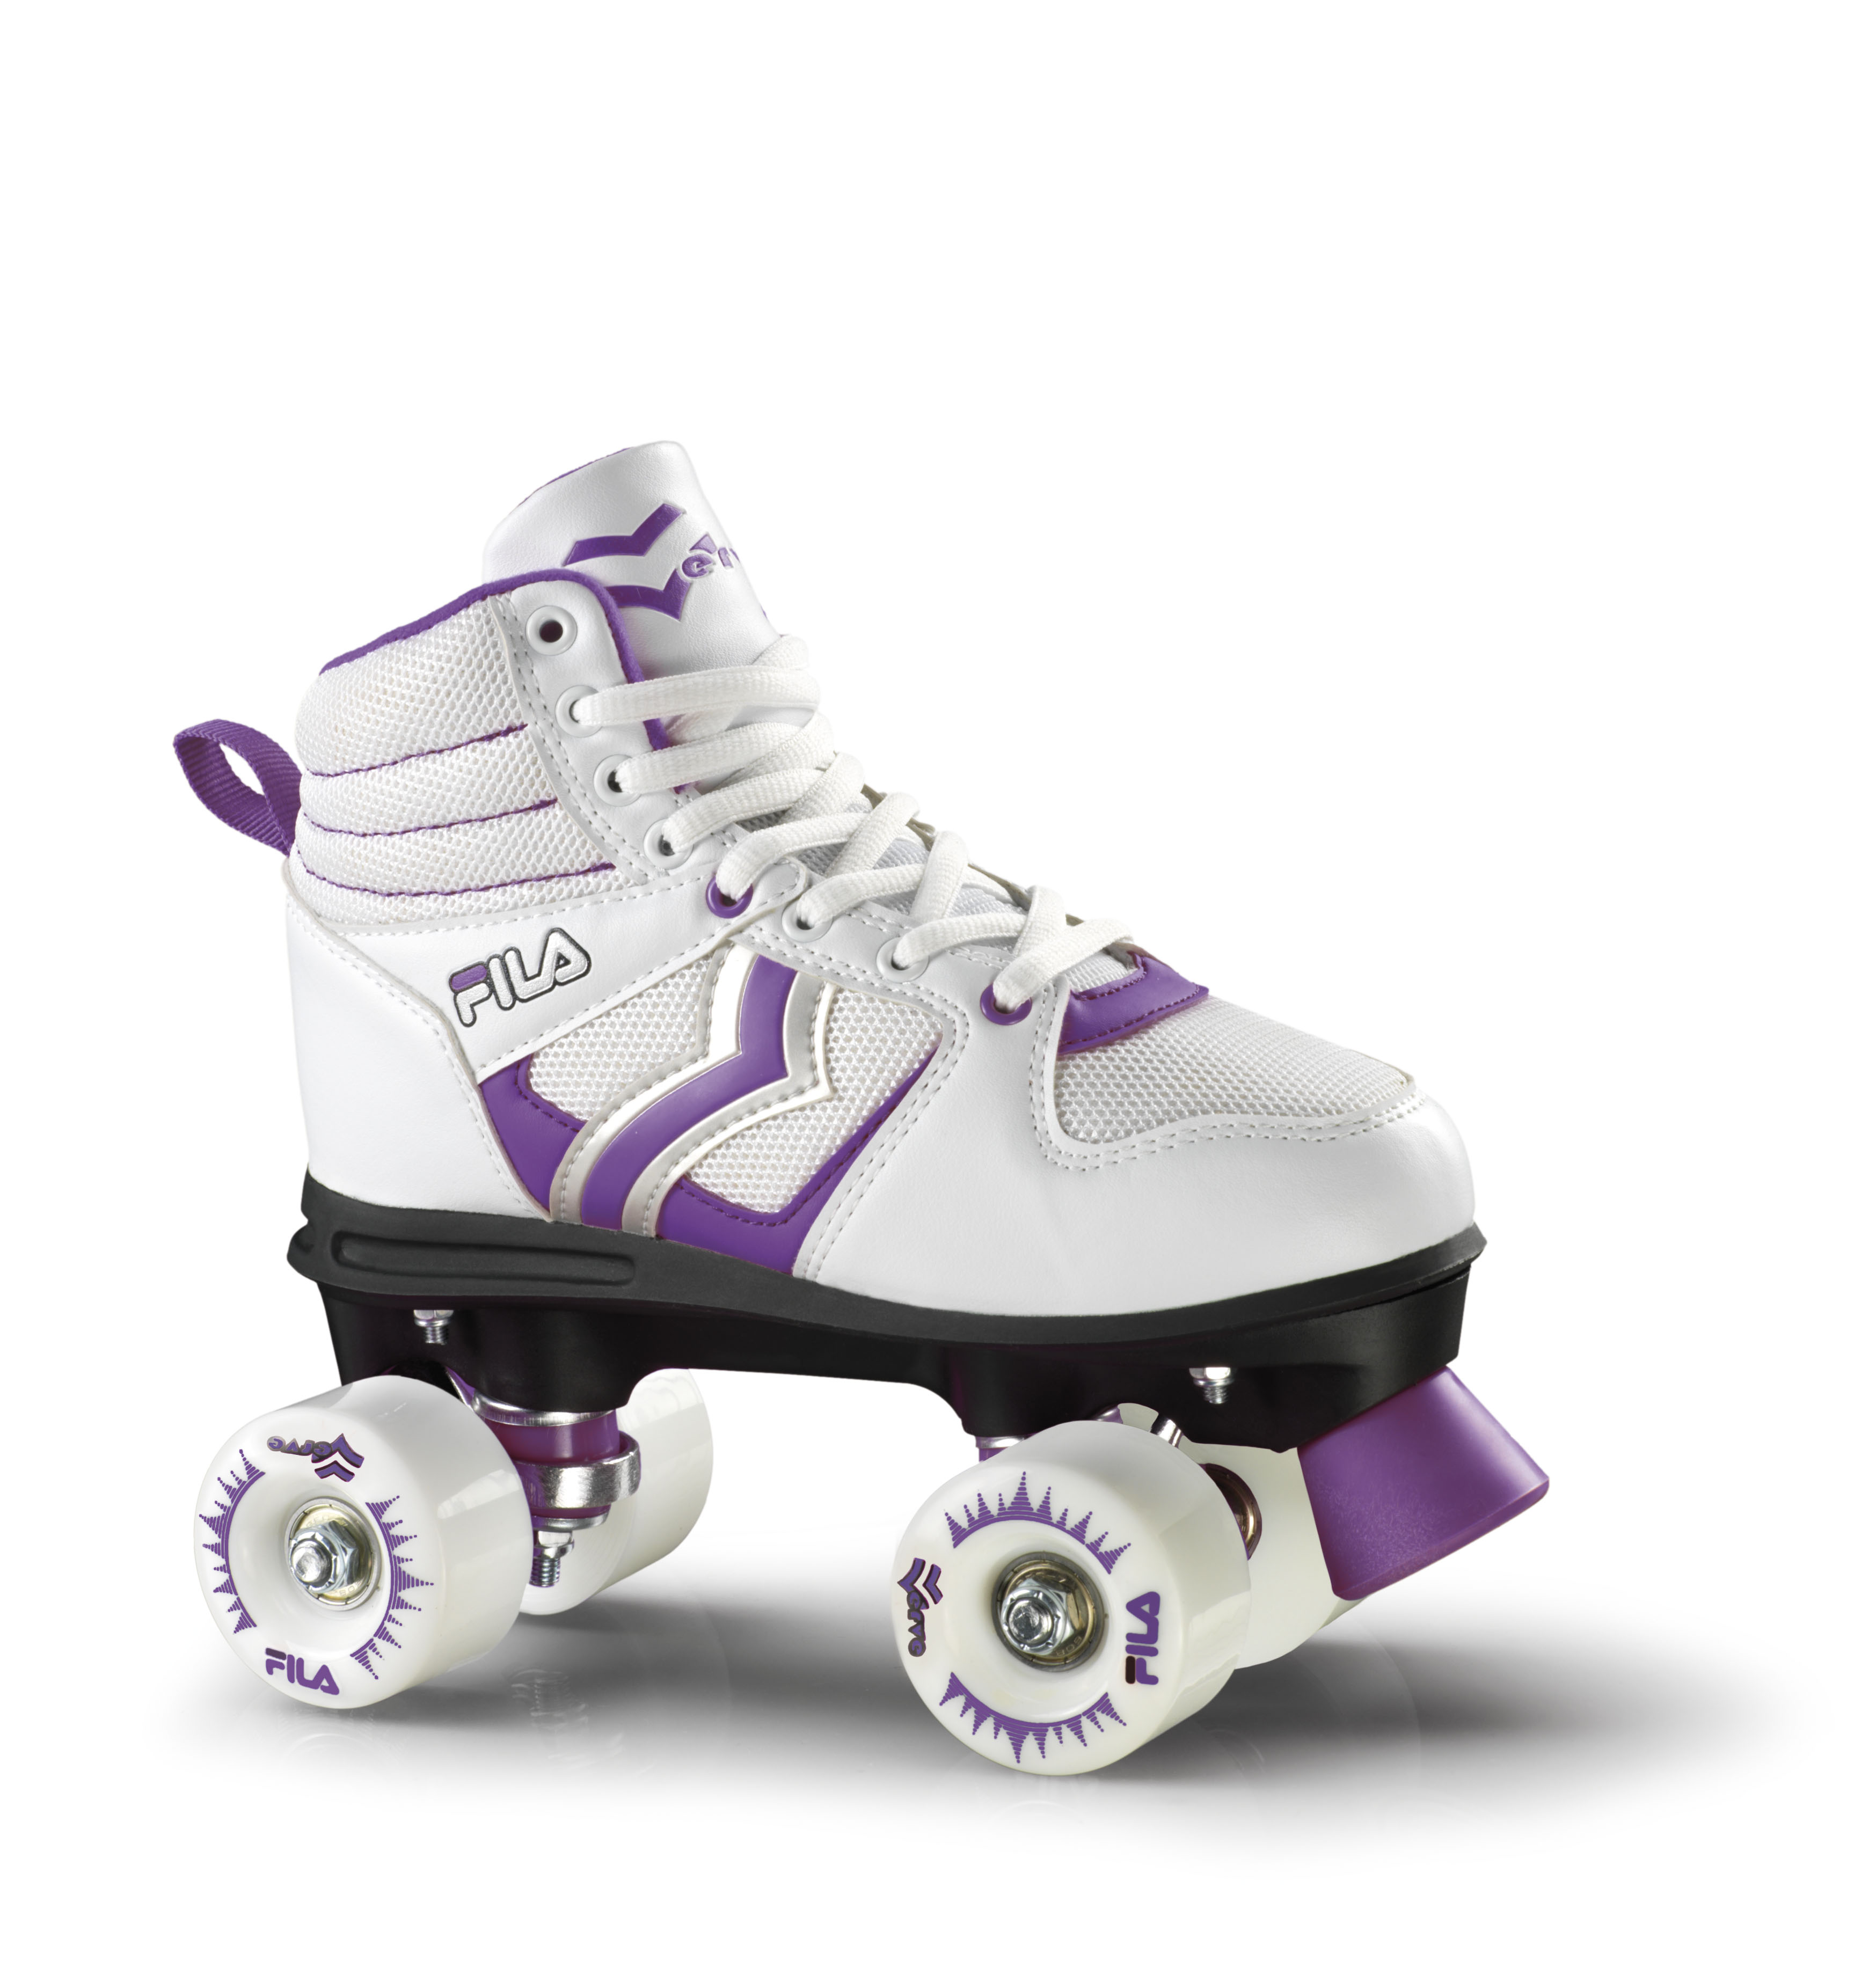 414daafef60 Quad Fila Skates - Revivendo boas lembranças!